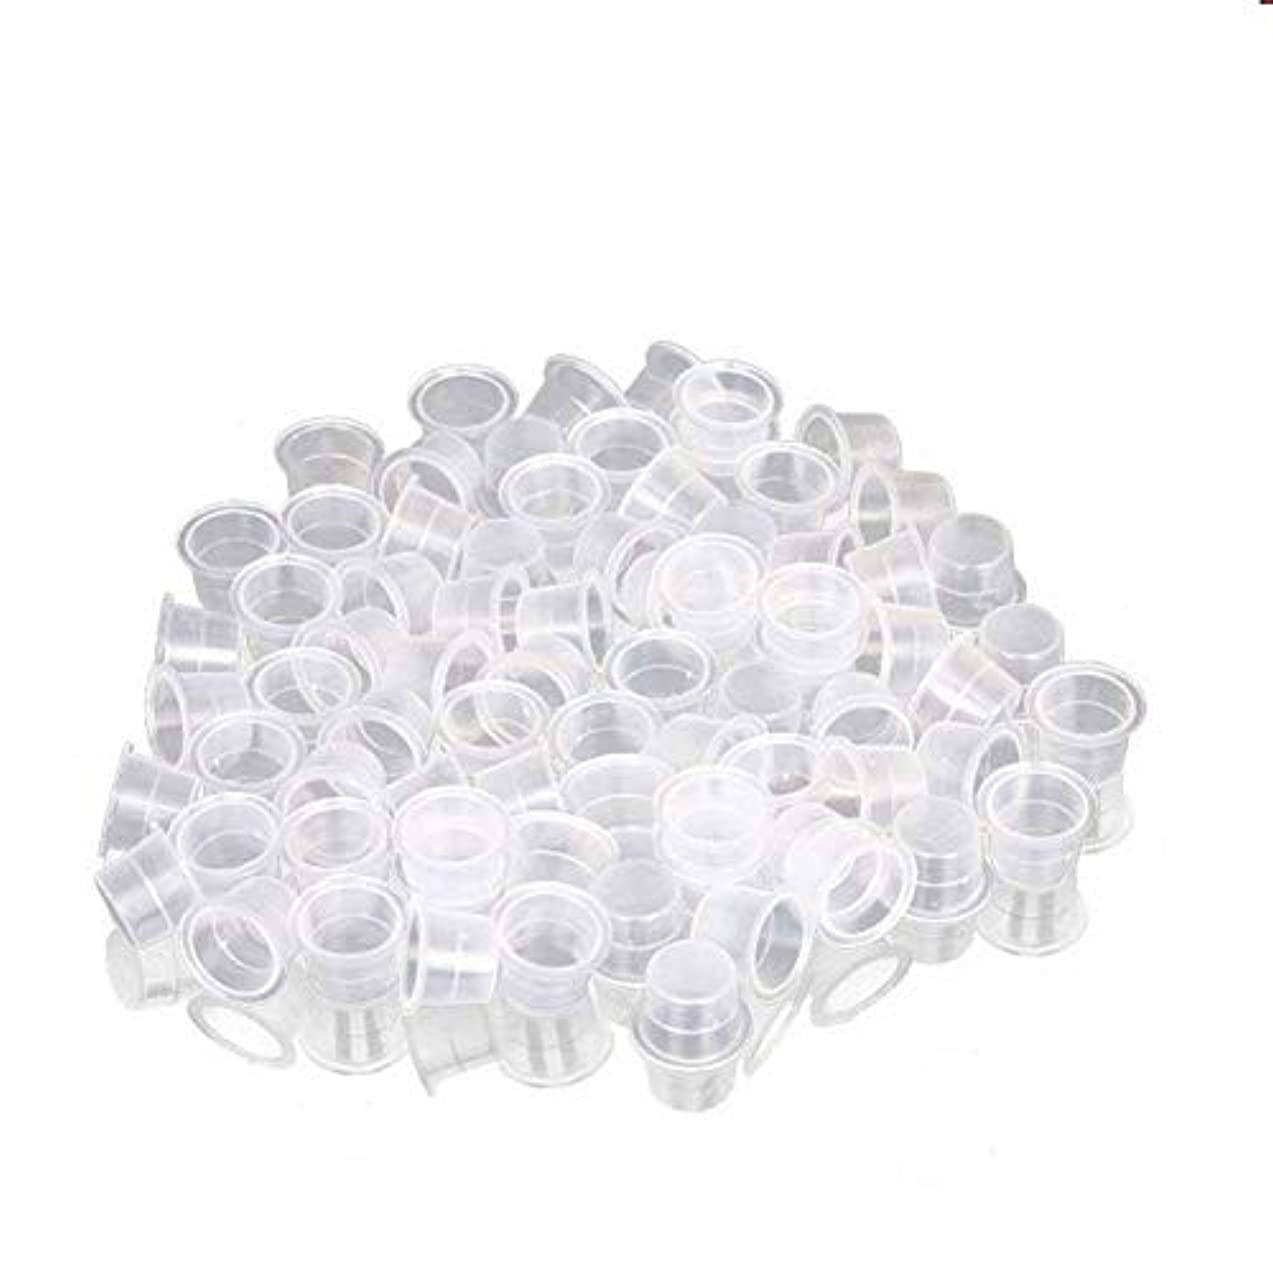 球状差し迫った針インクカップ、顔料カップ、顔料ボックス ディスポーザブル、シリコーン製颜料ツール、キッ100個のための小さな染料皿